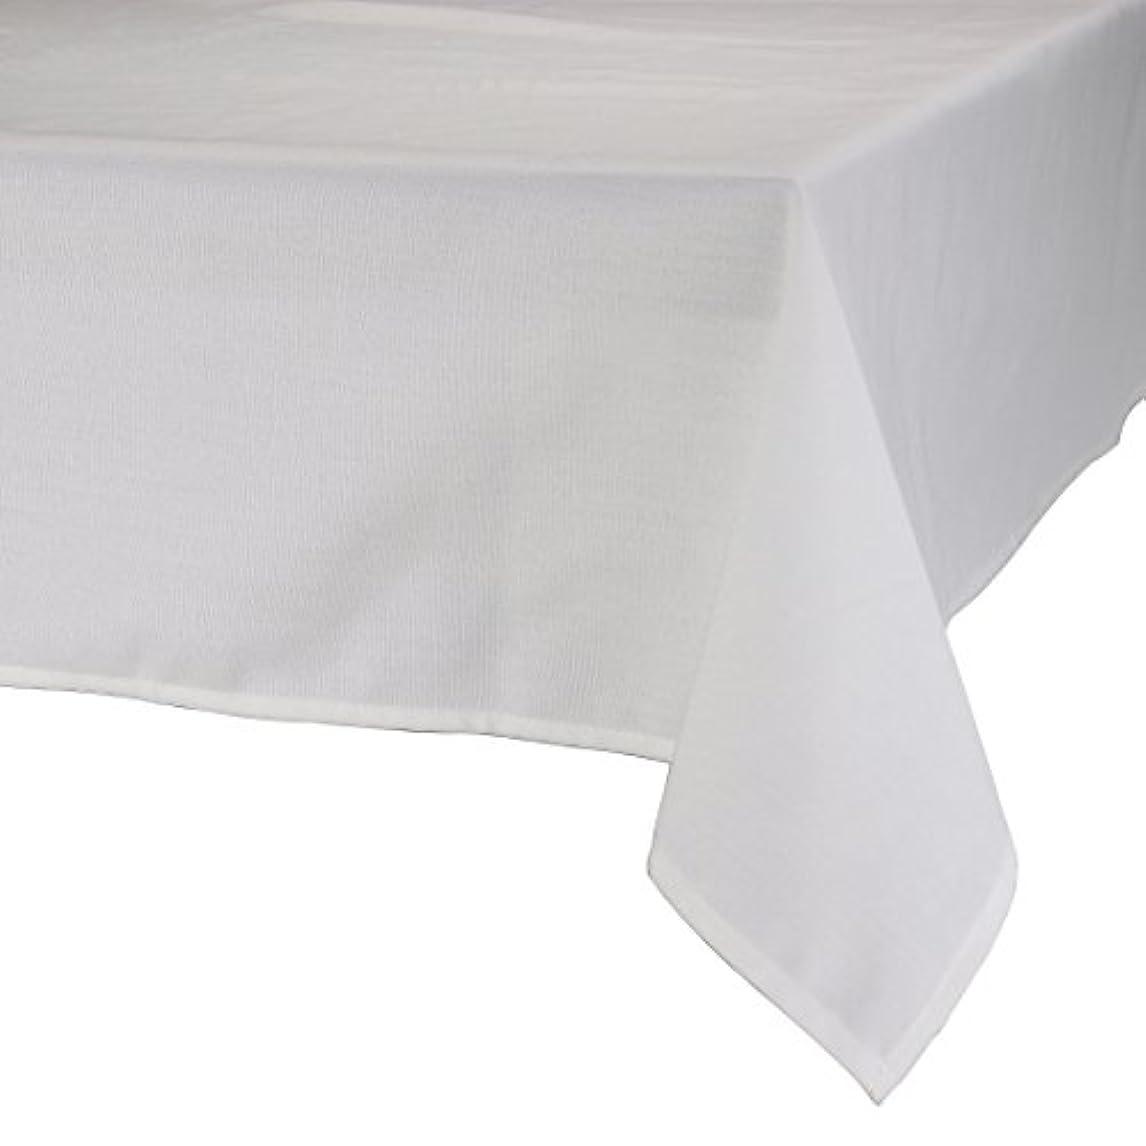 適合する急降下リネンMAJEST(マジェスト) テーブルクロス 長方形160cmx240cm 布地 ホワイト 無地 繋なし 吸水タイプ